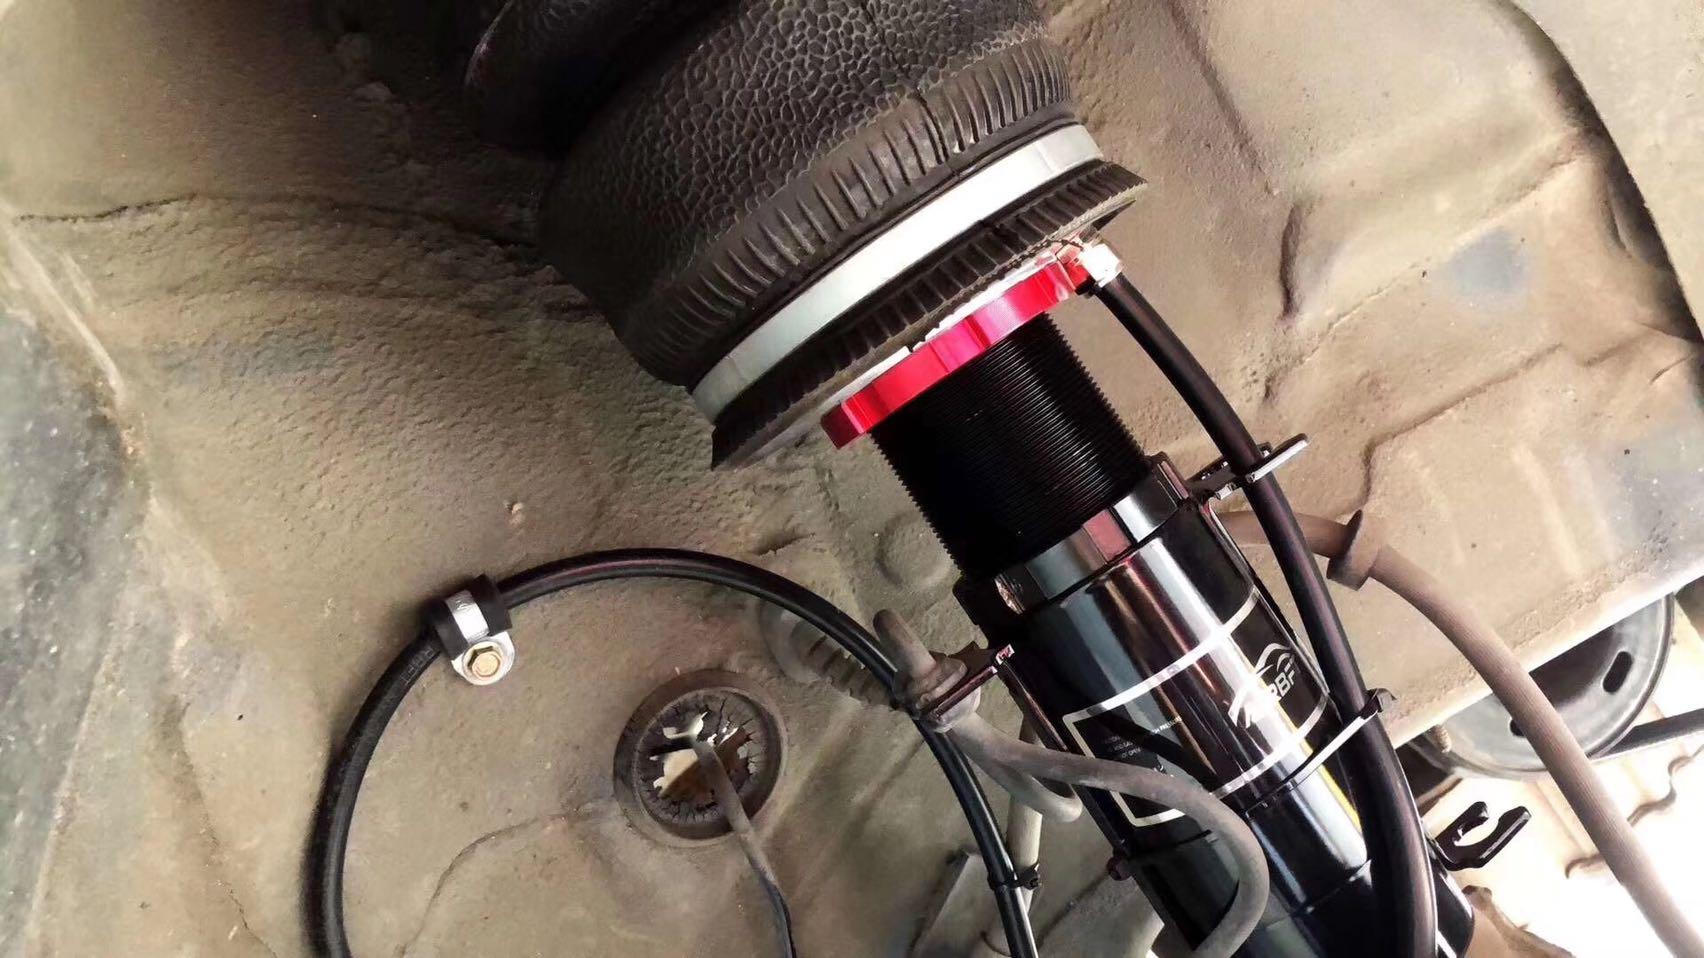 #VW MK4 # Air BFT全套 # 后备箱美化